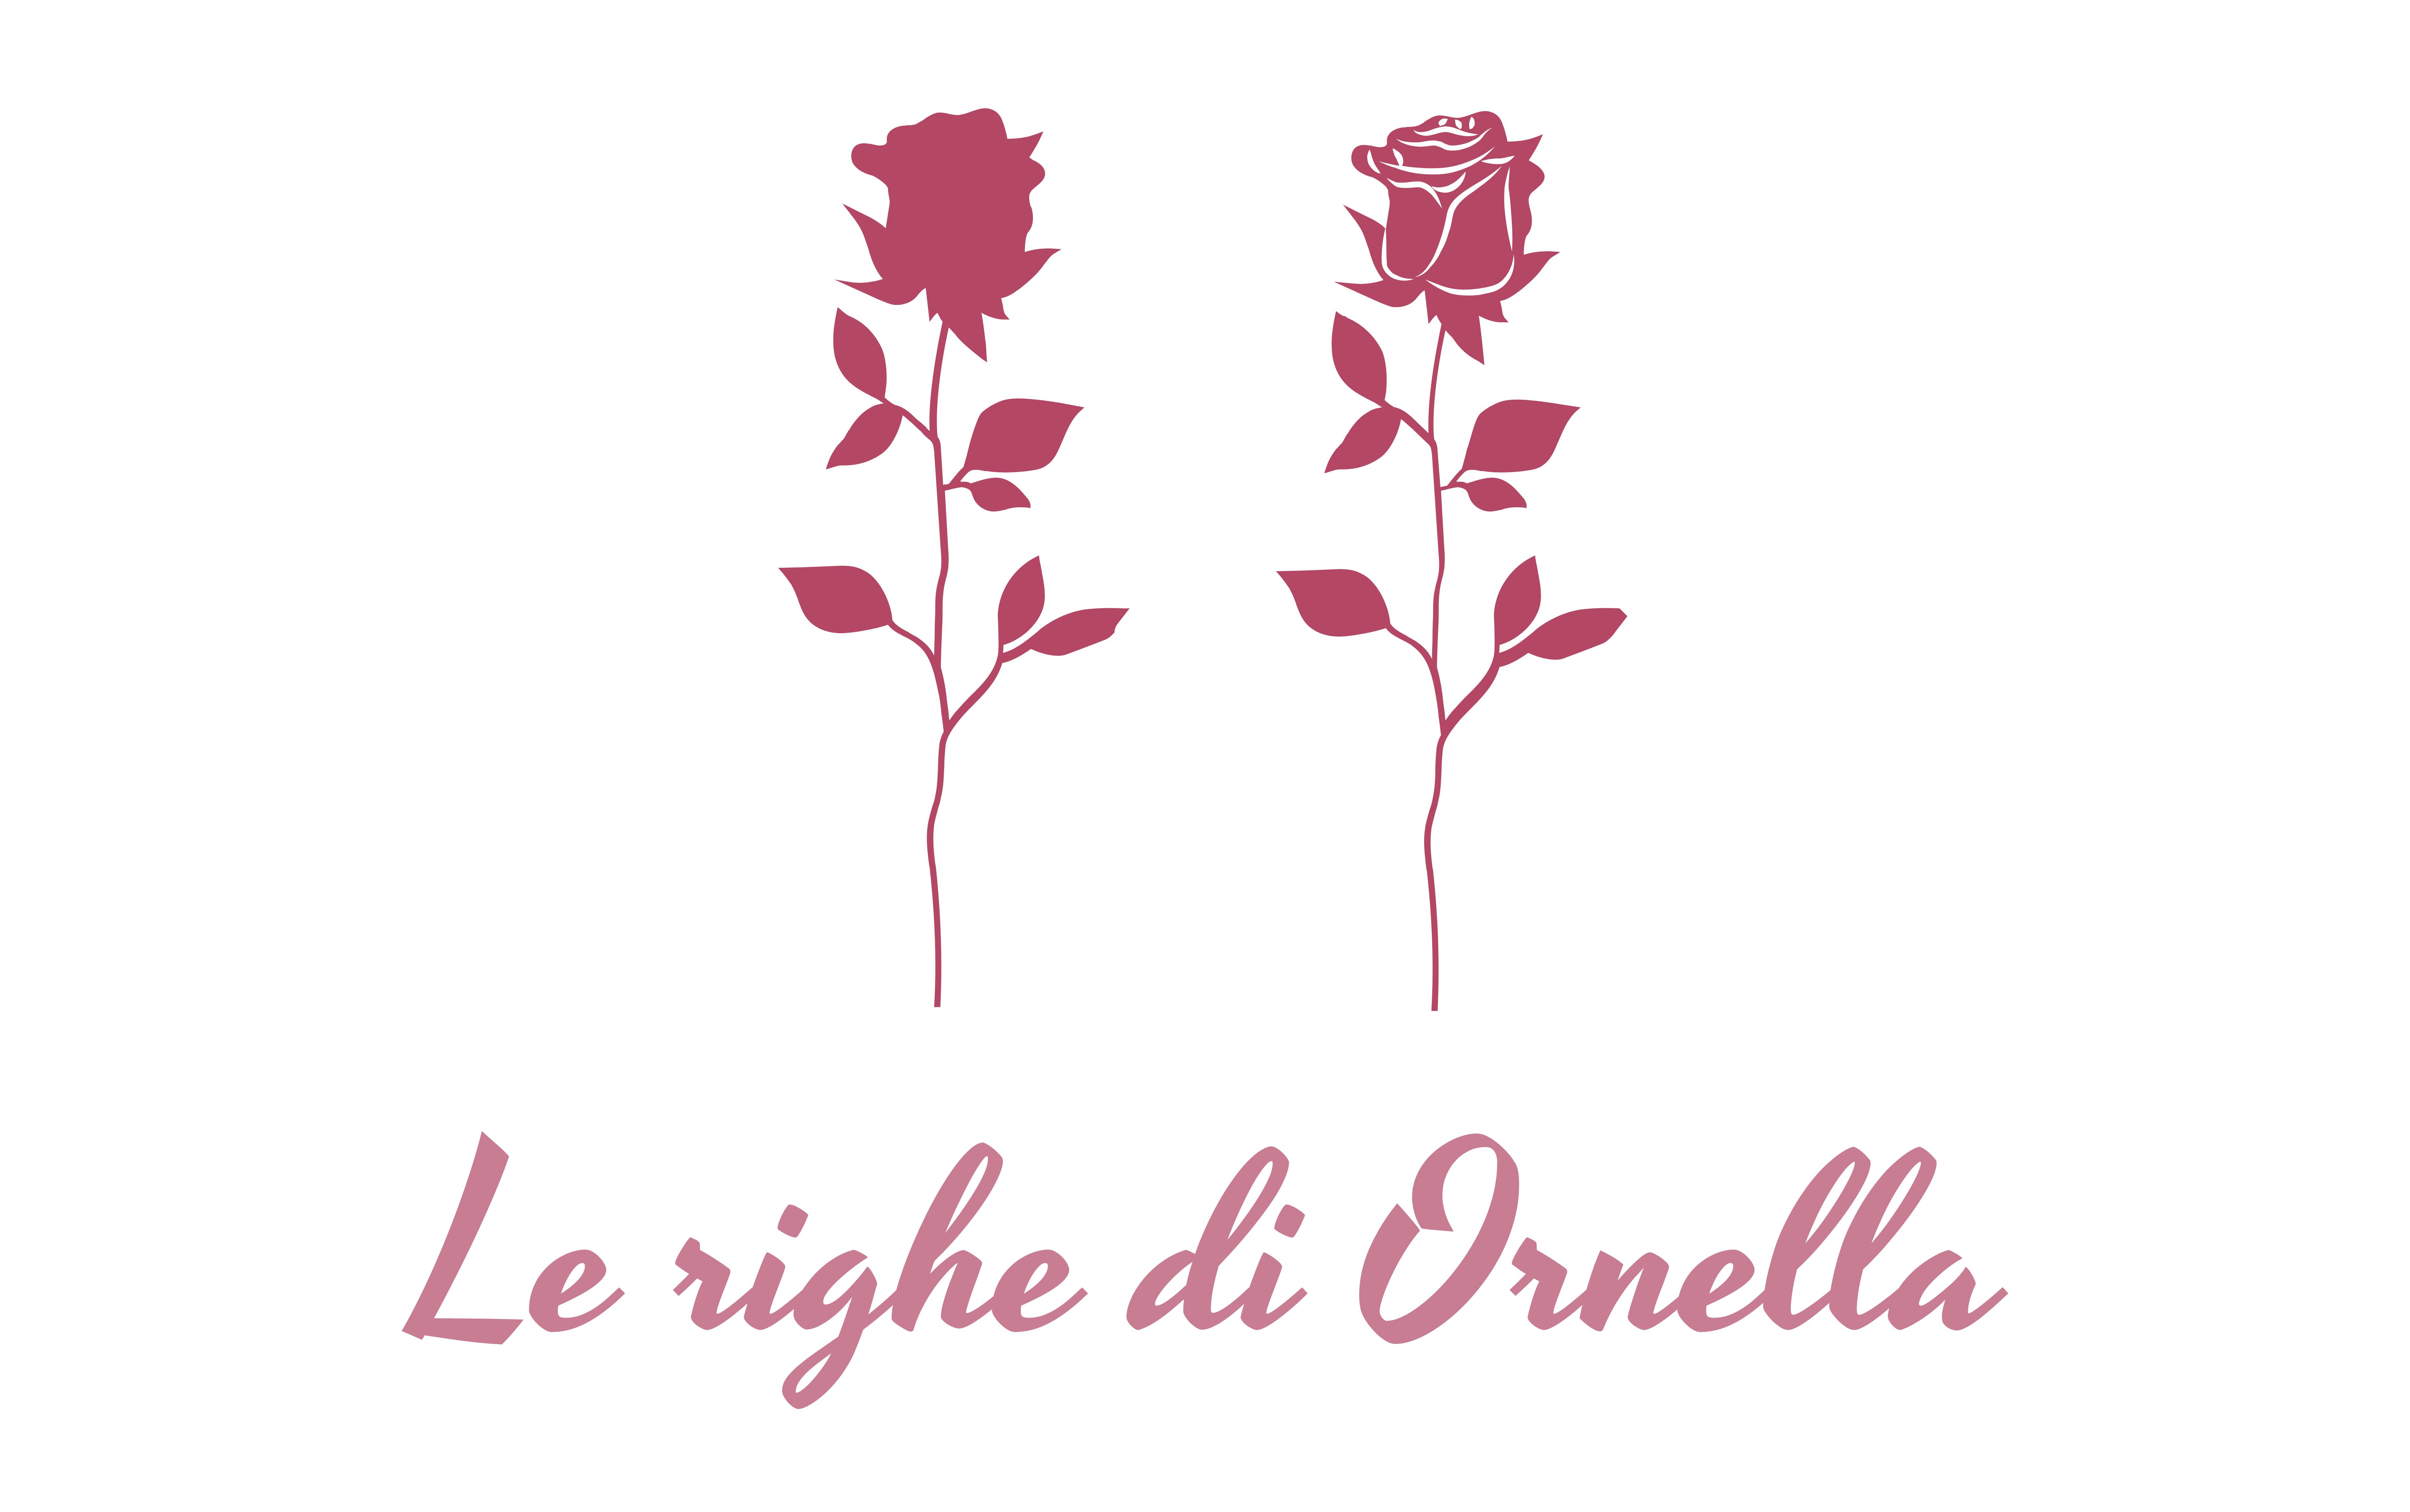 Le righe di Ornella